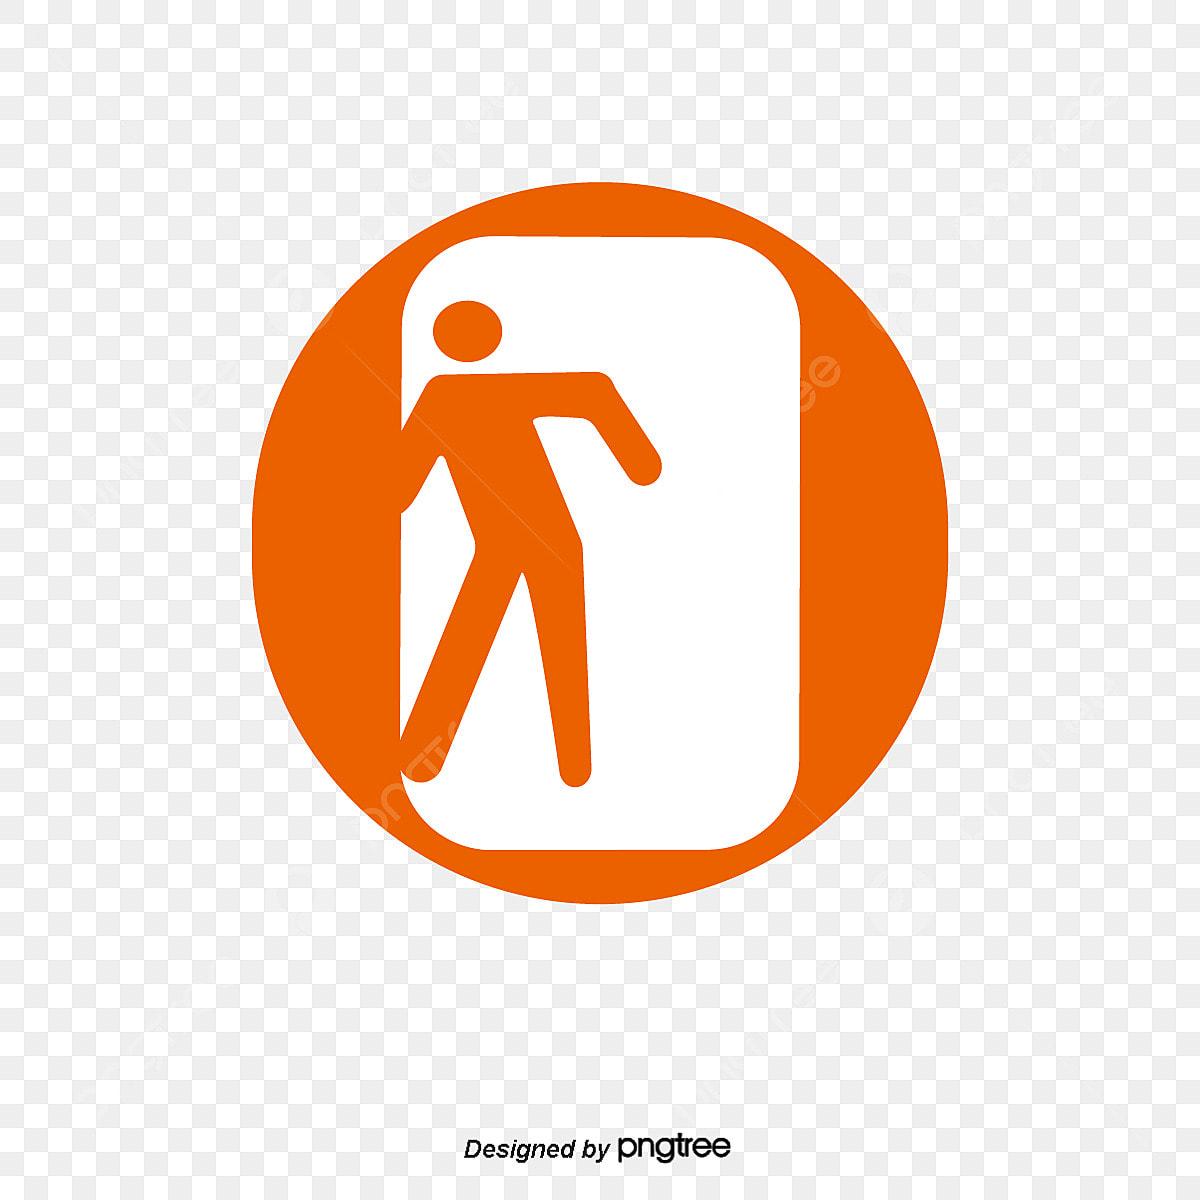 مخرج الطوارئ علامات السلامة من الحريق الجمهور العلامة المميزة علامات المعلومات العامة Png والمتجهات للتحميل مجانا